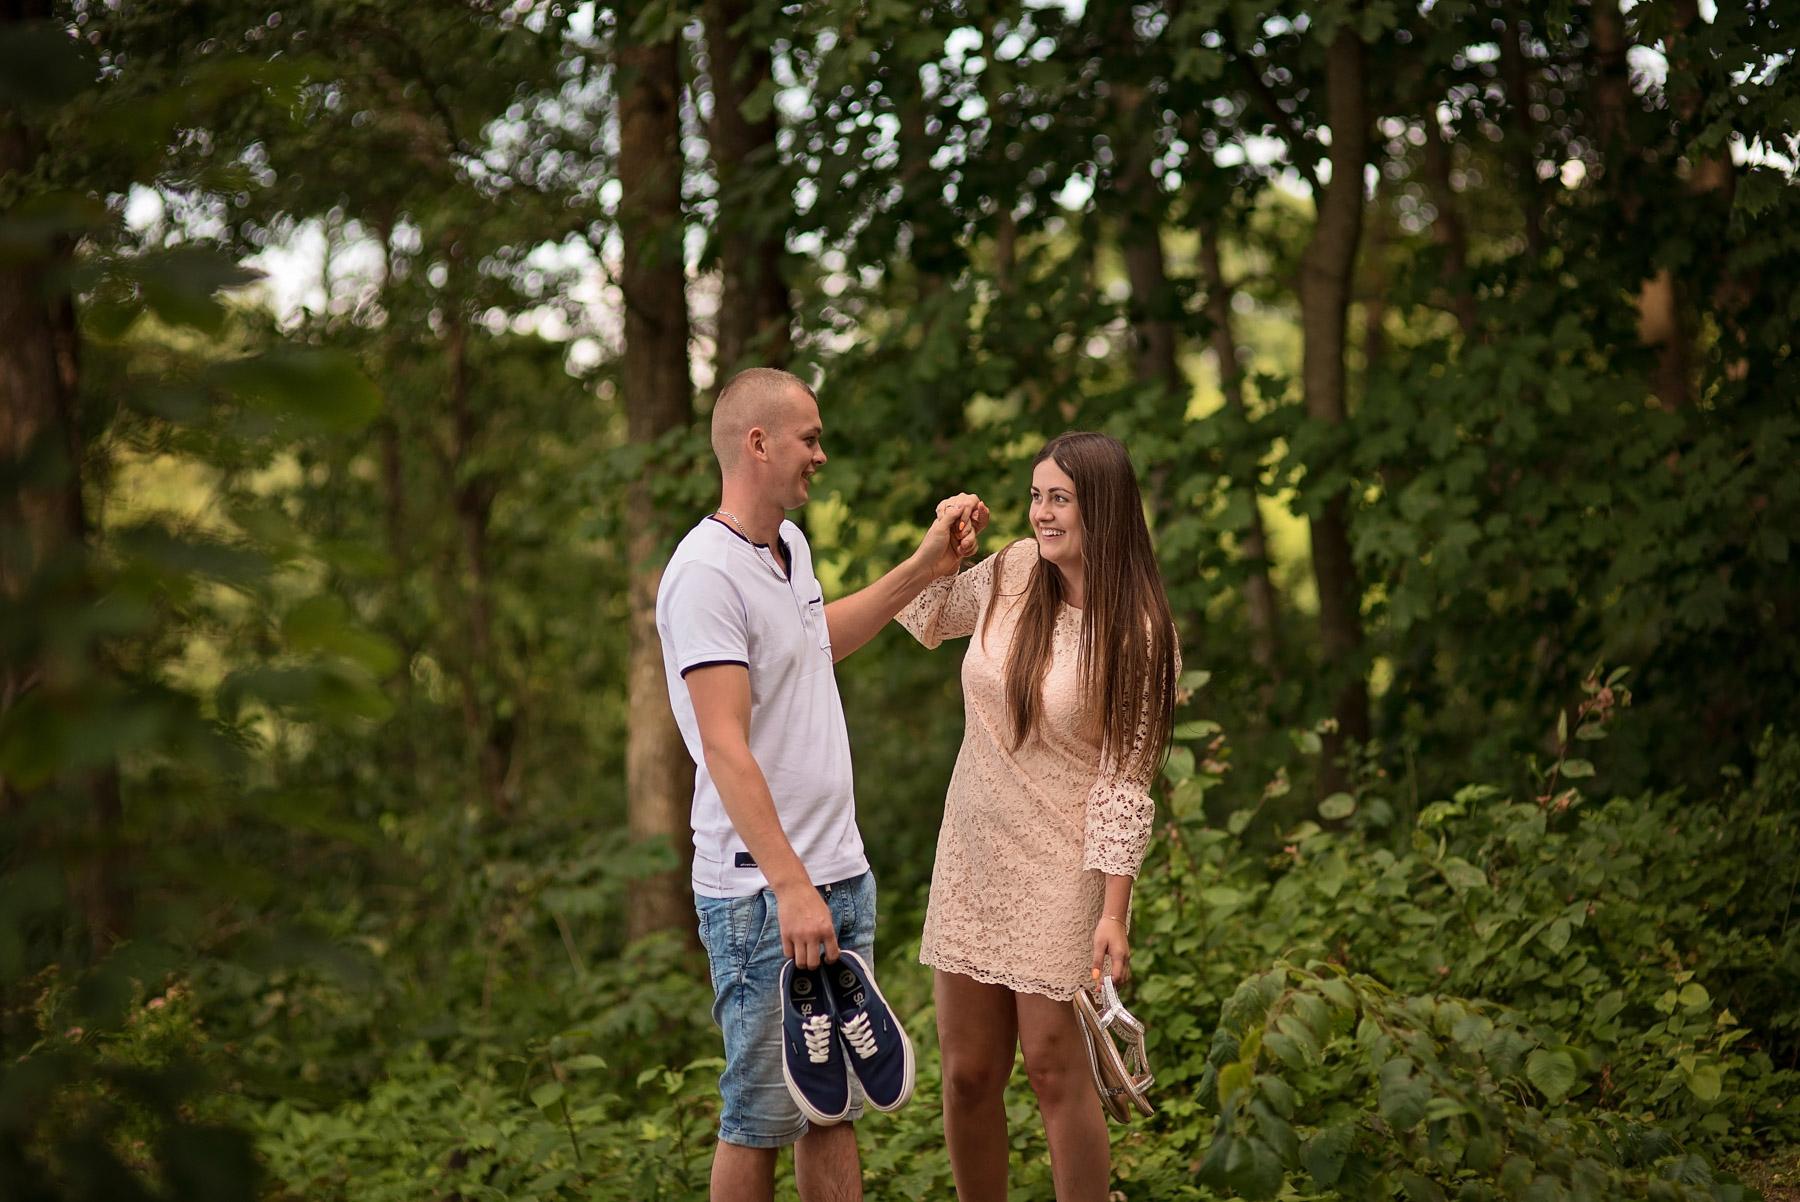 fotograf-na-wesele-mragowo (29).jpg